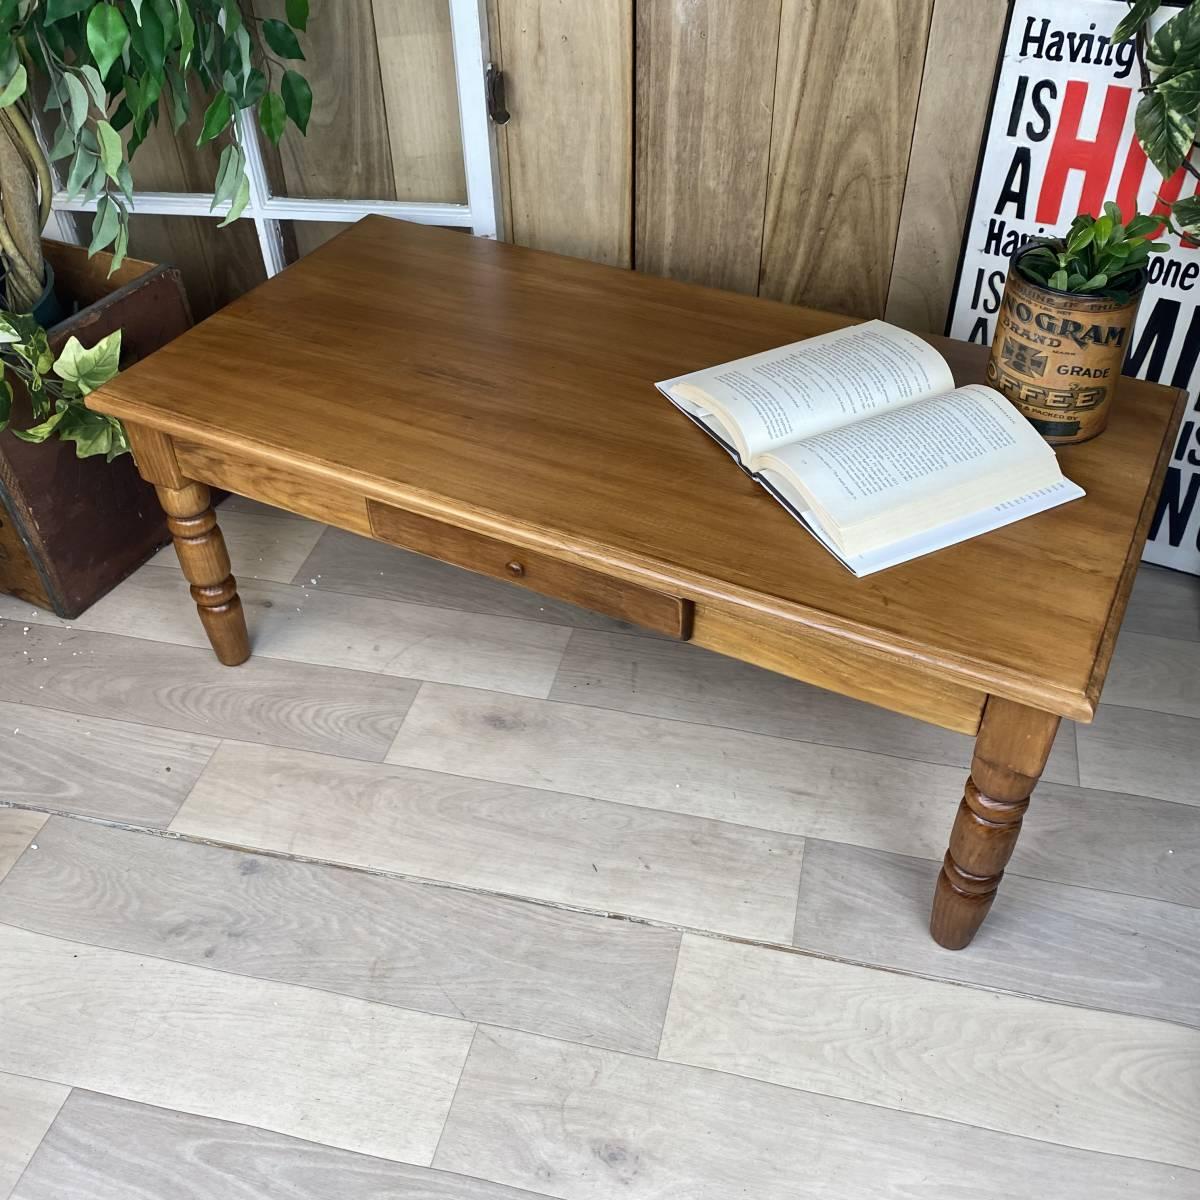 送料無料、カントリー北欧風アンティーク調パイン材チェストテーブル☆木製松材材天然無垢材、デスク、机、引き出し付き、座卓、置き台_画像3